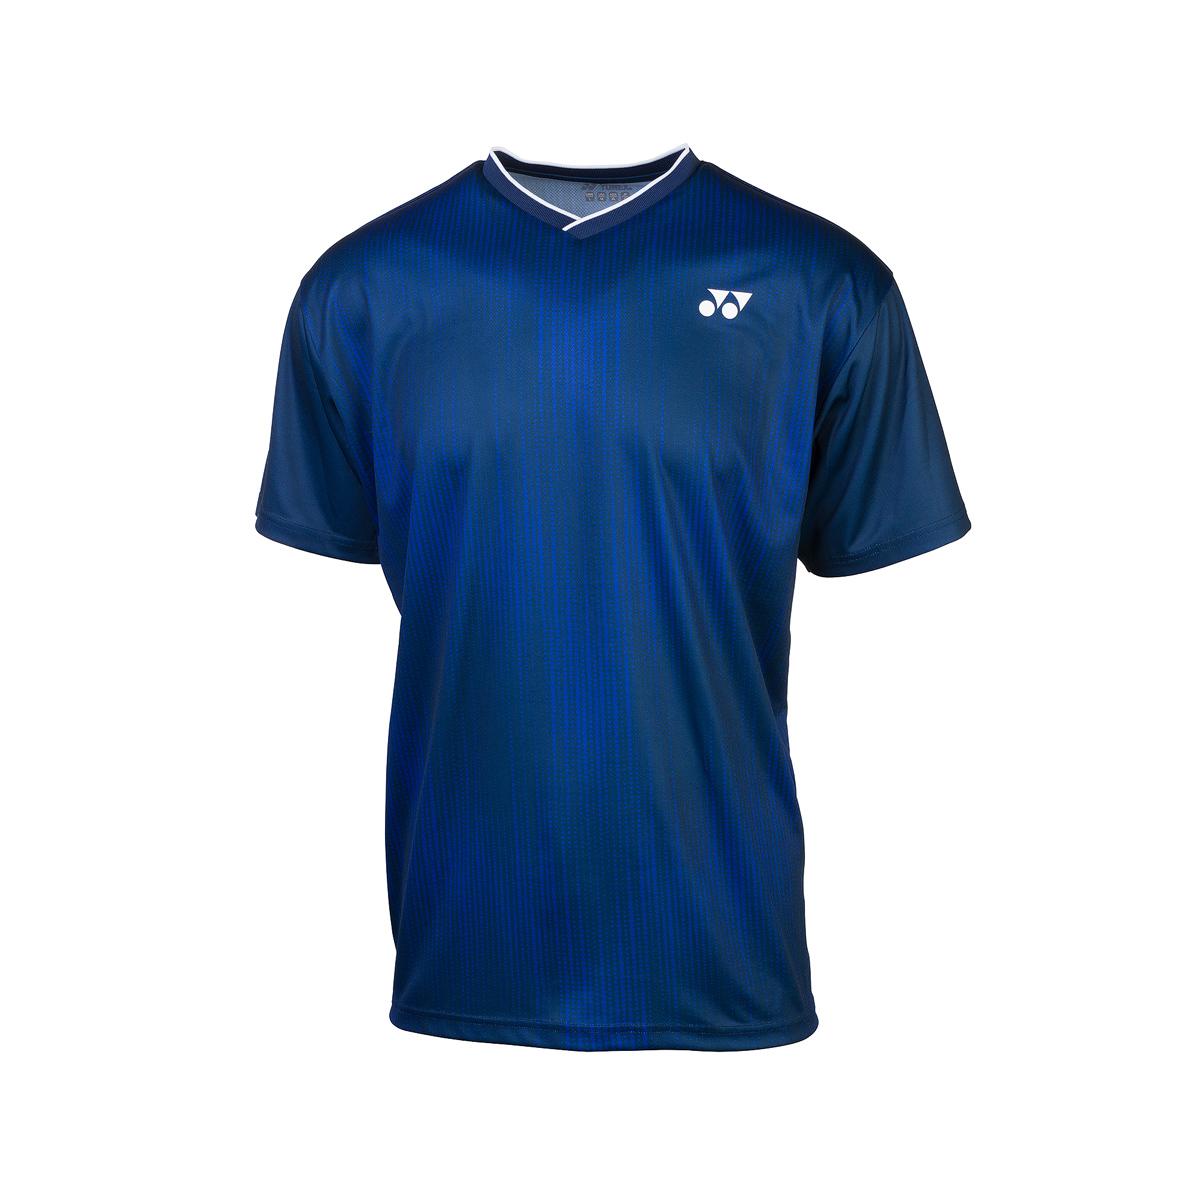 Men's Crew Neck Shirt Modell 2021Detailbild - 0